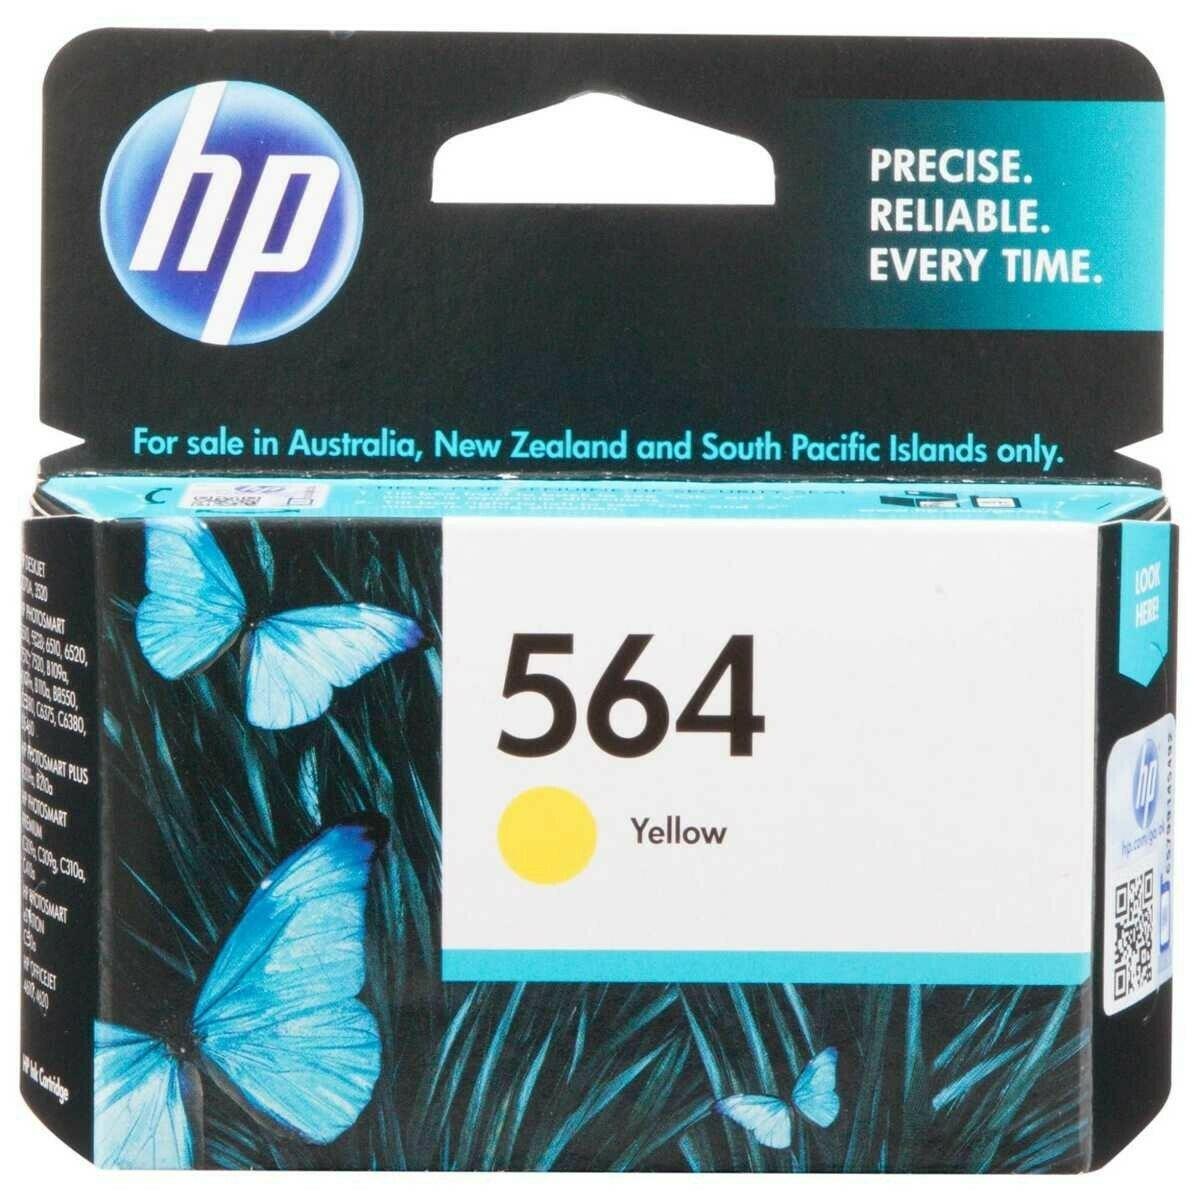 HP Yellow Ink Cartridge 564 [CB320WA]